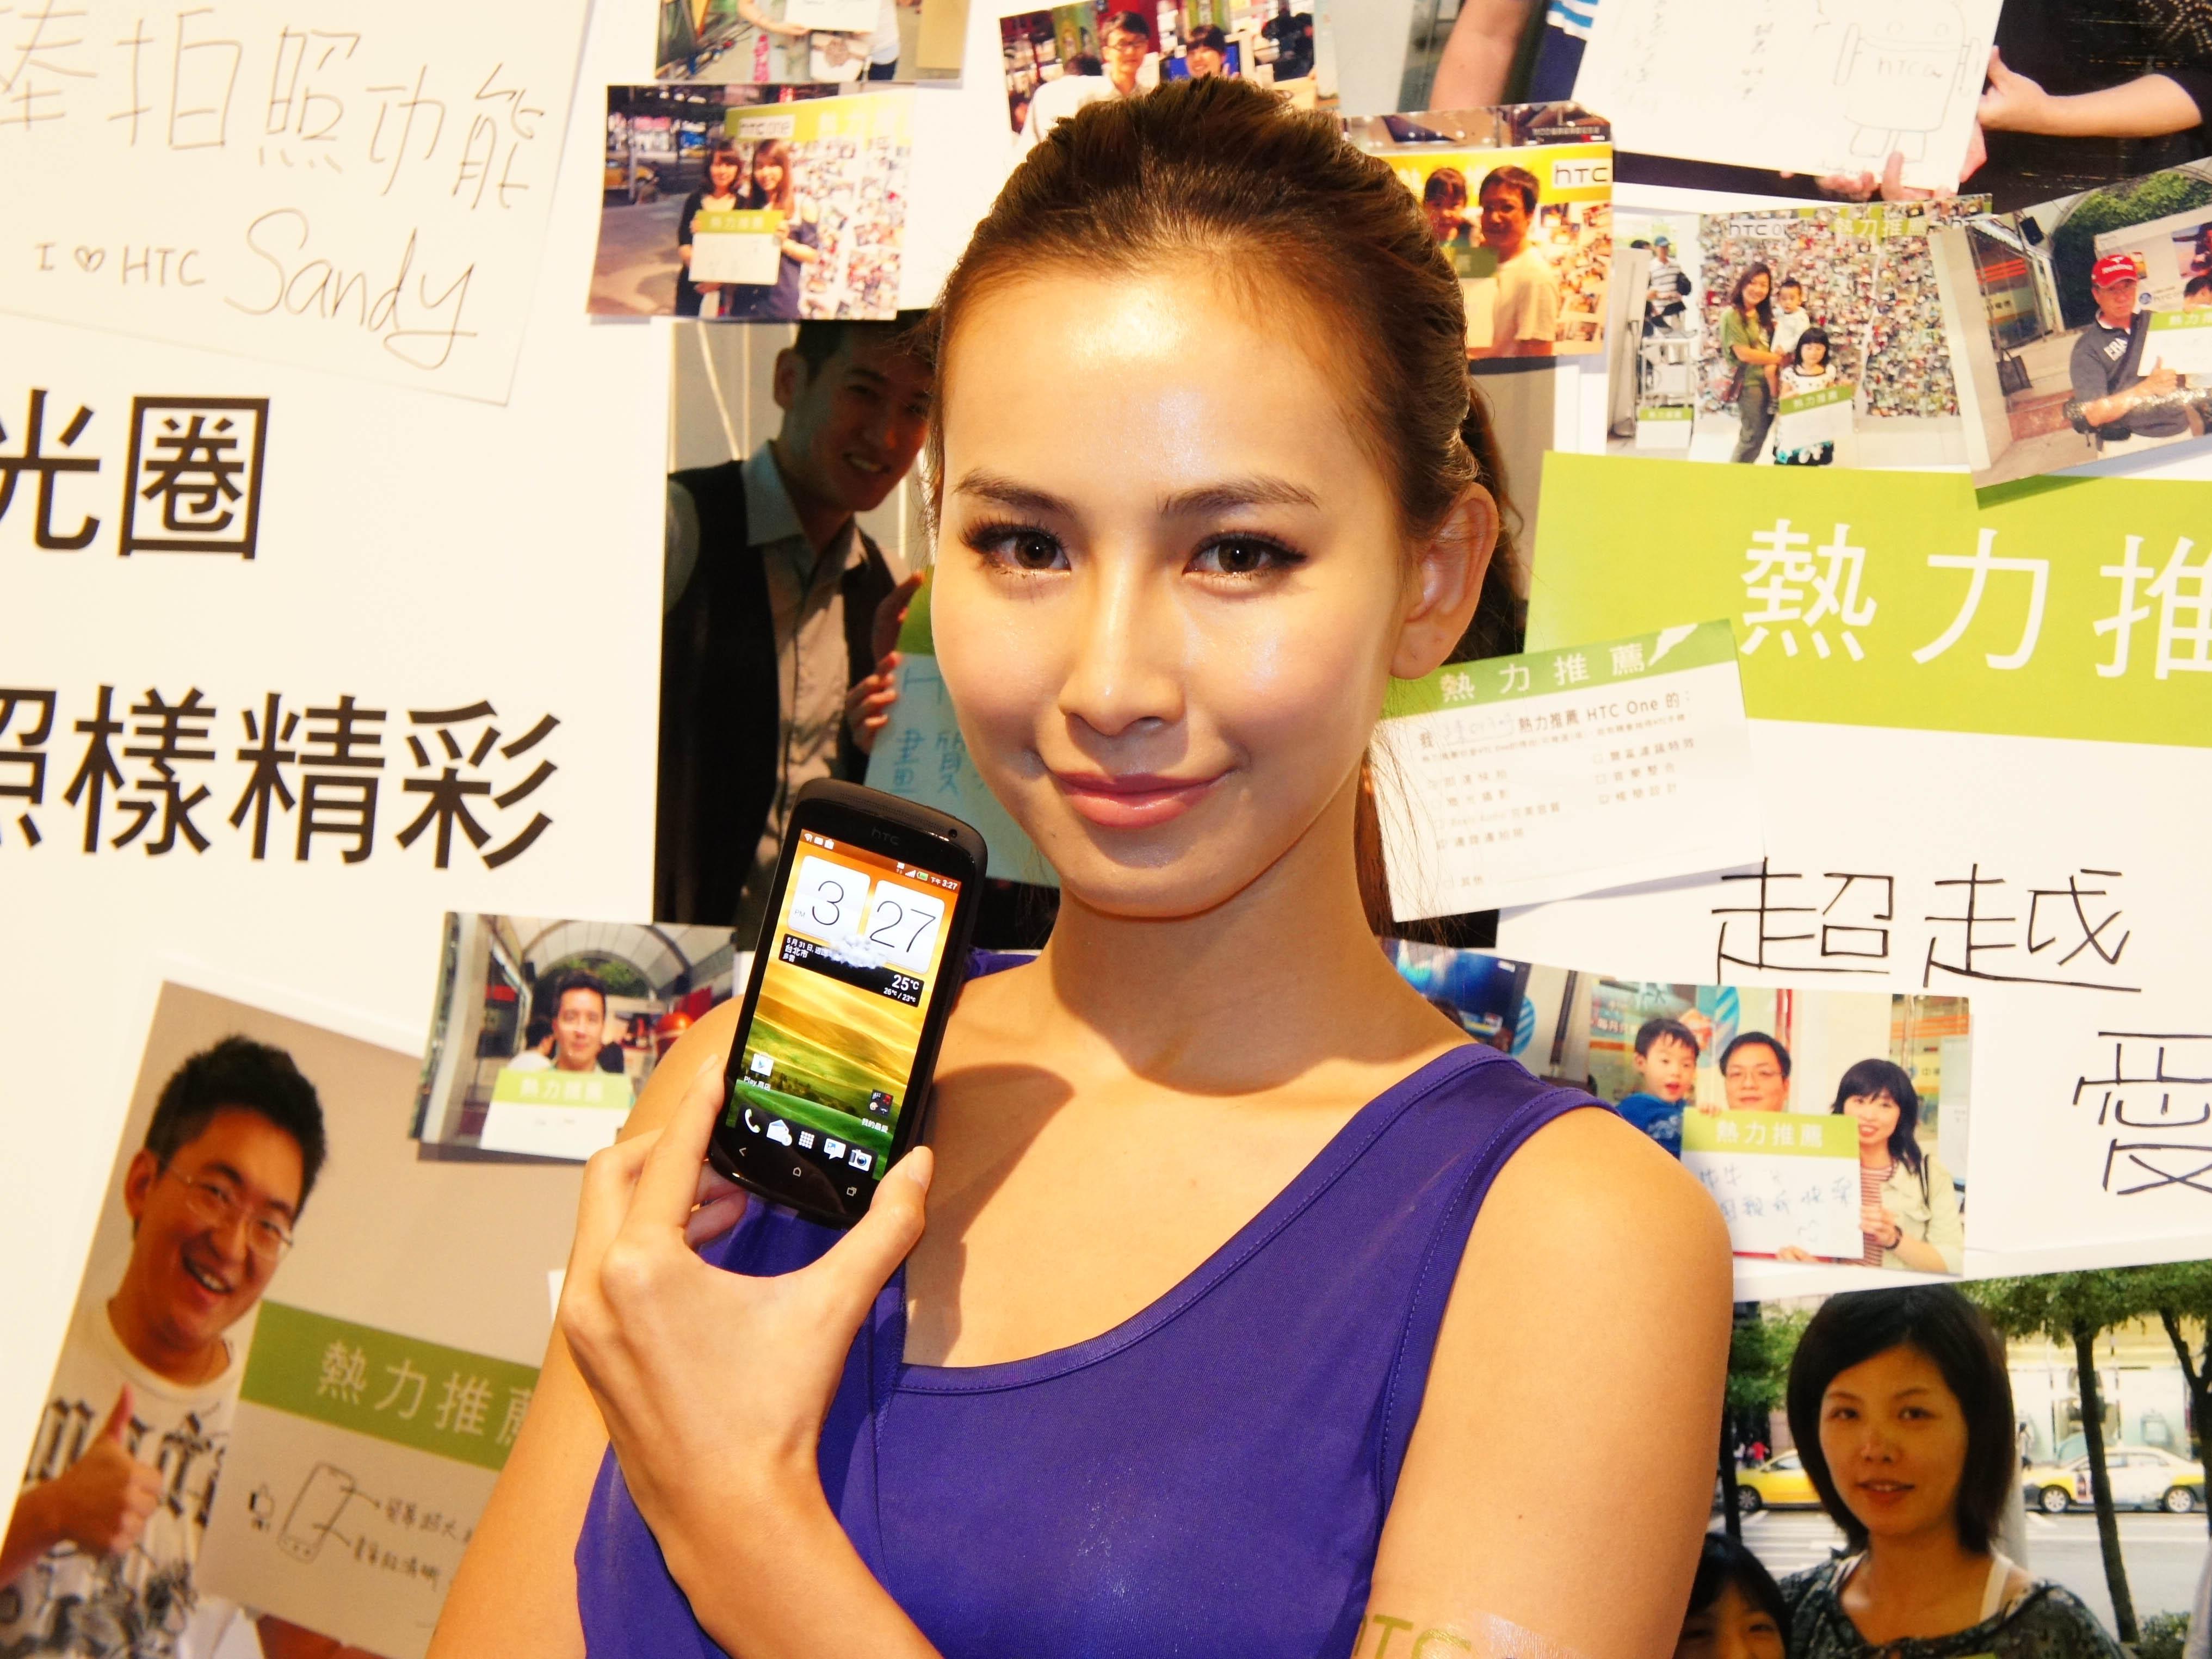 超薄 HTC One S 發表,現場動手玩,還有電信資費方案